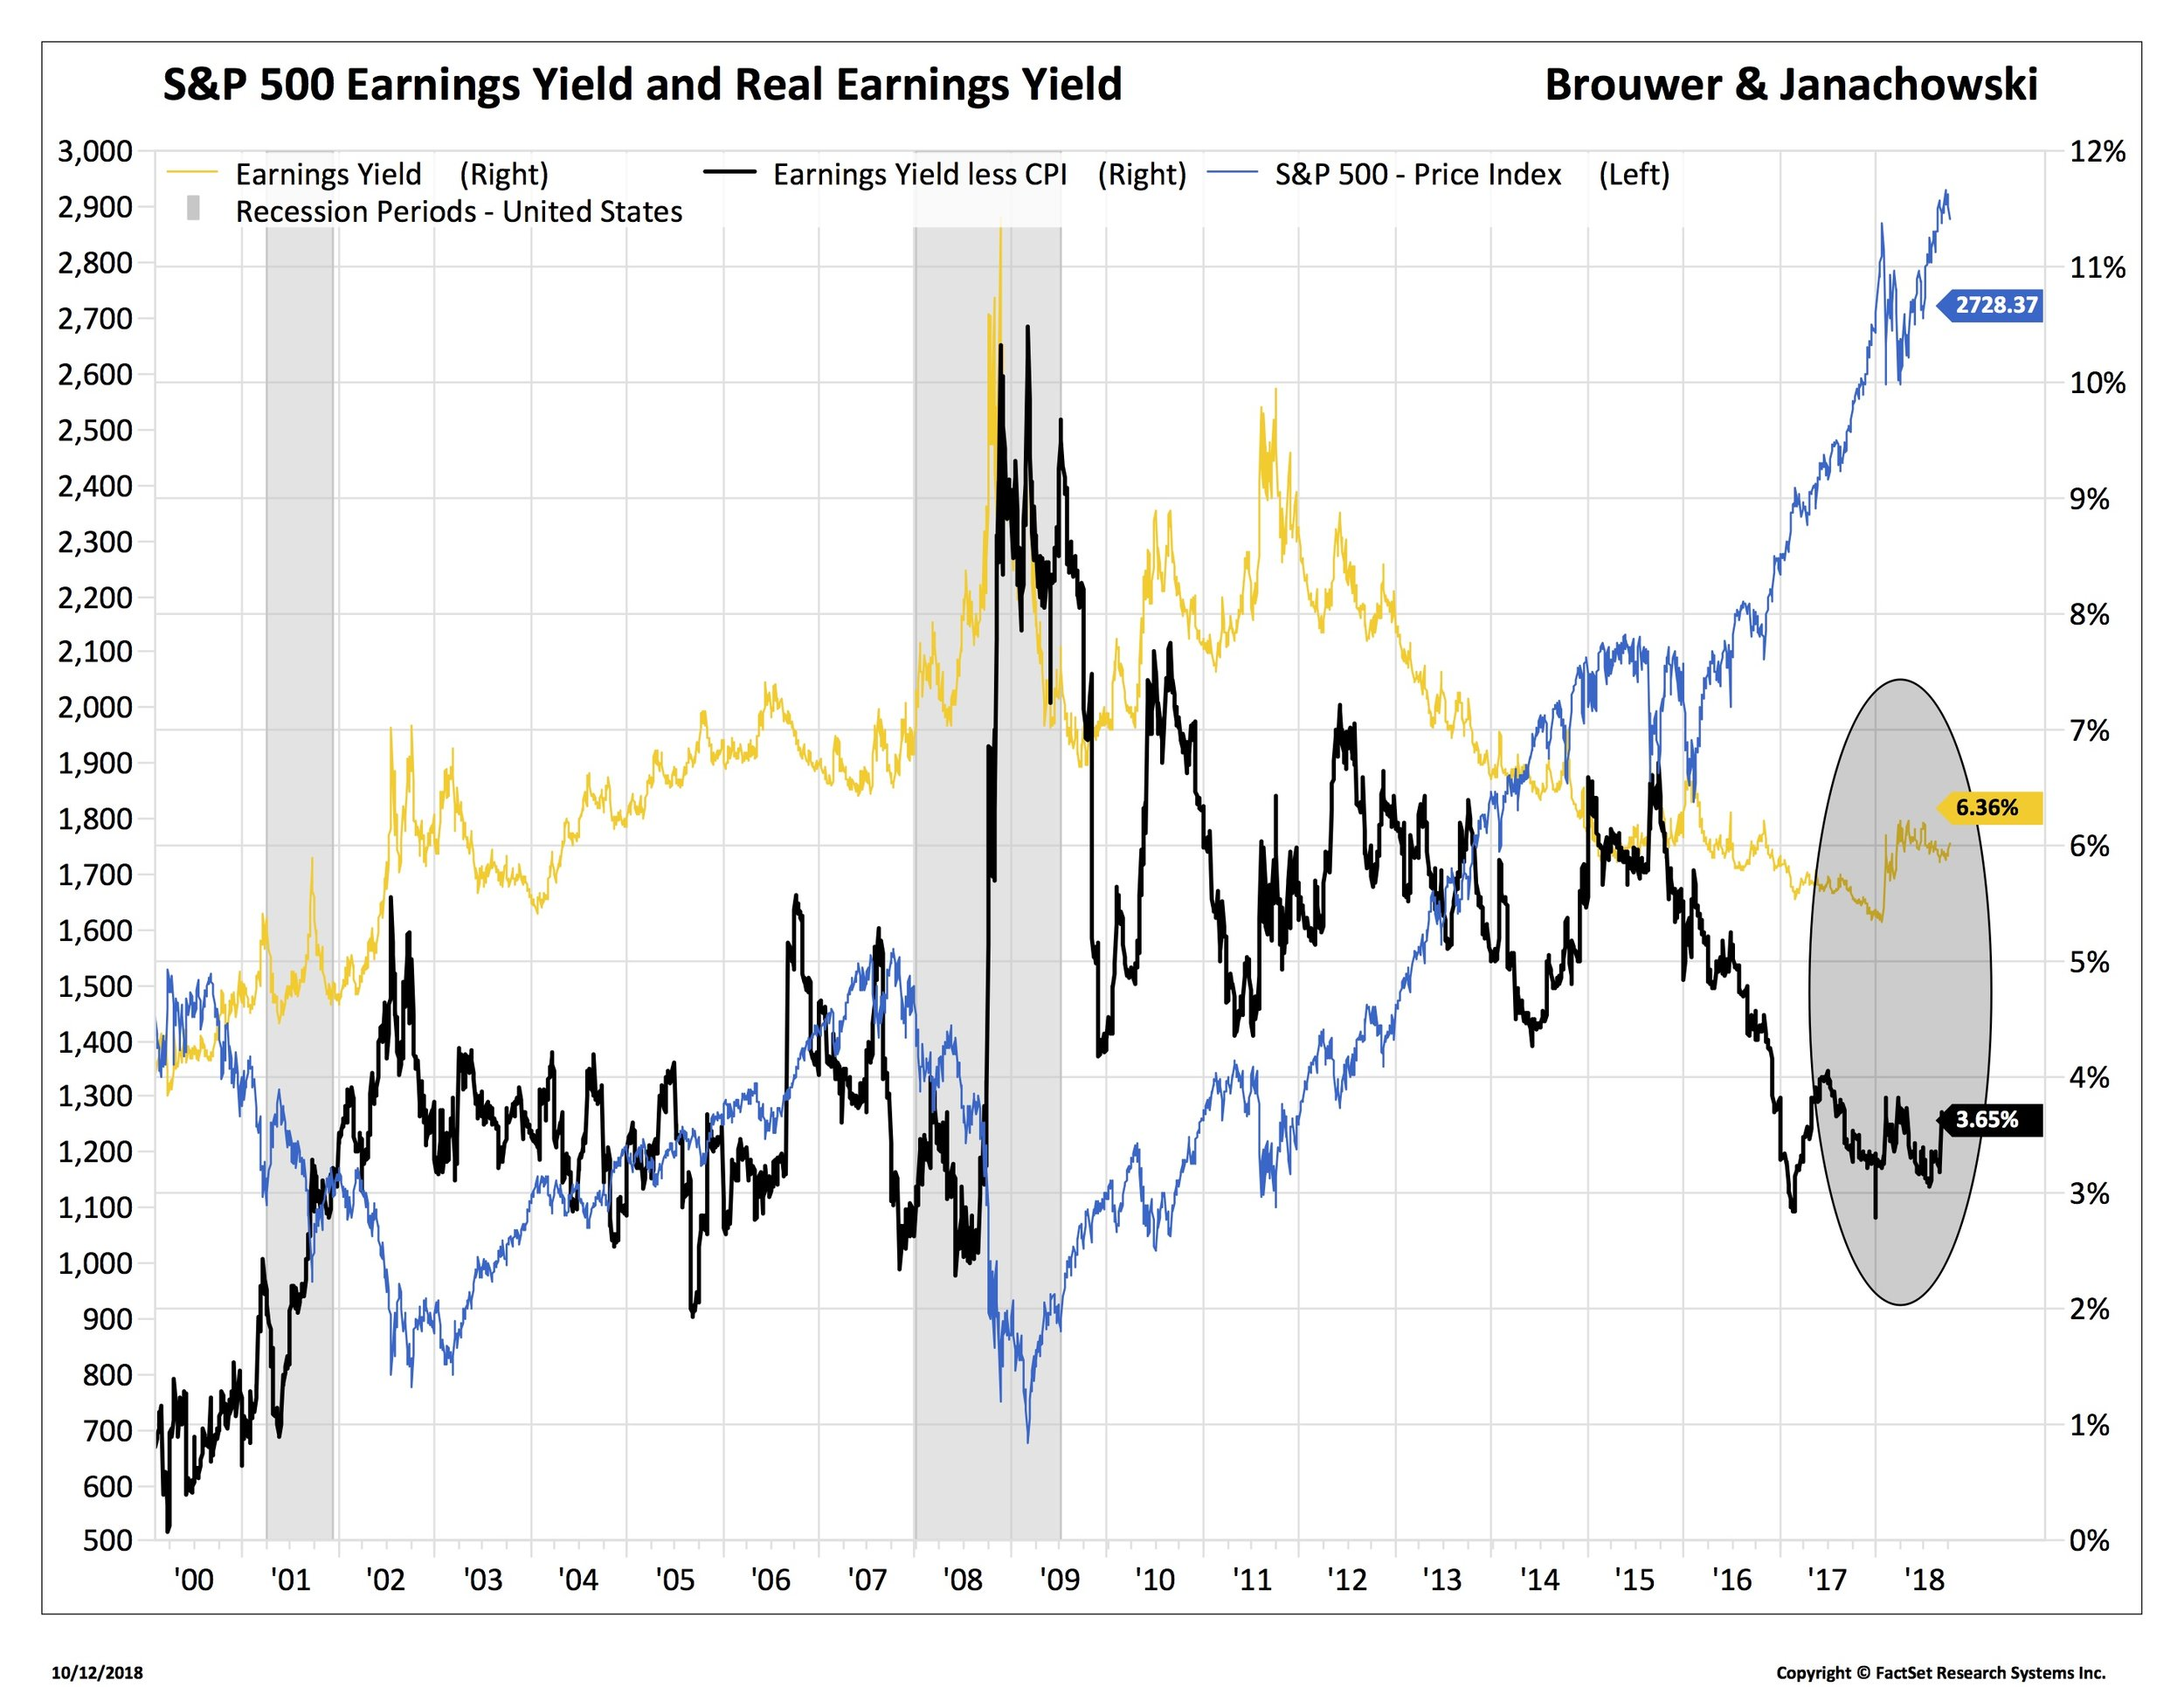 2 SPX earnings yield 2 spx too_.jpg